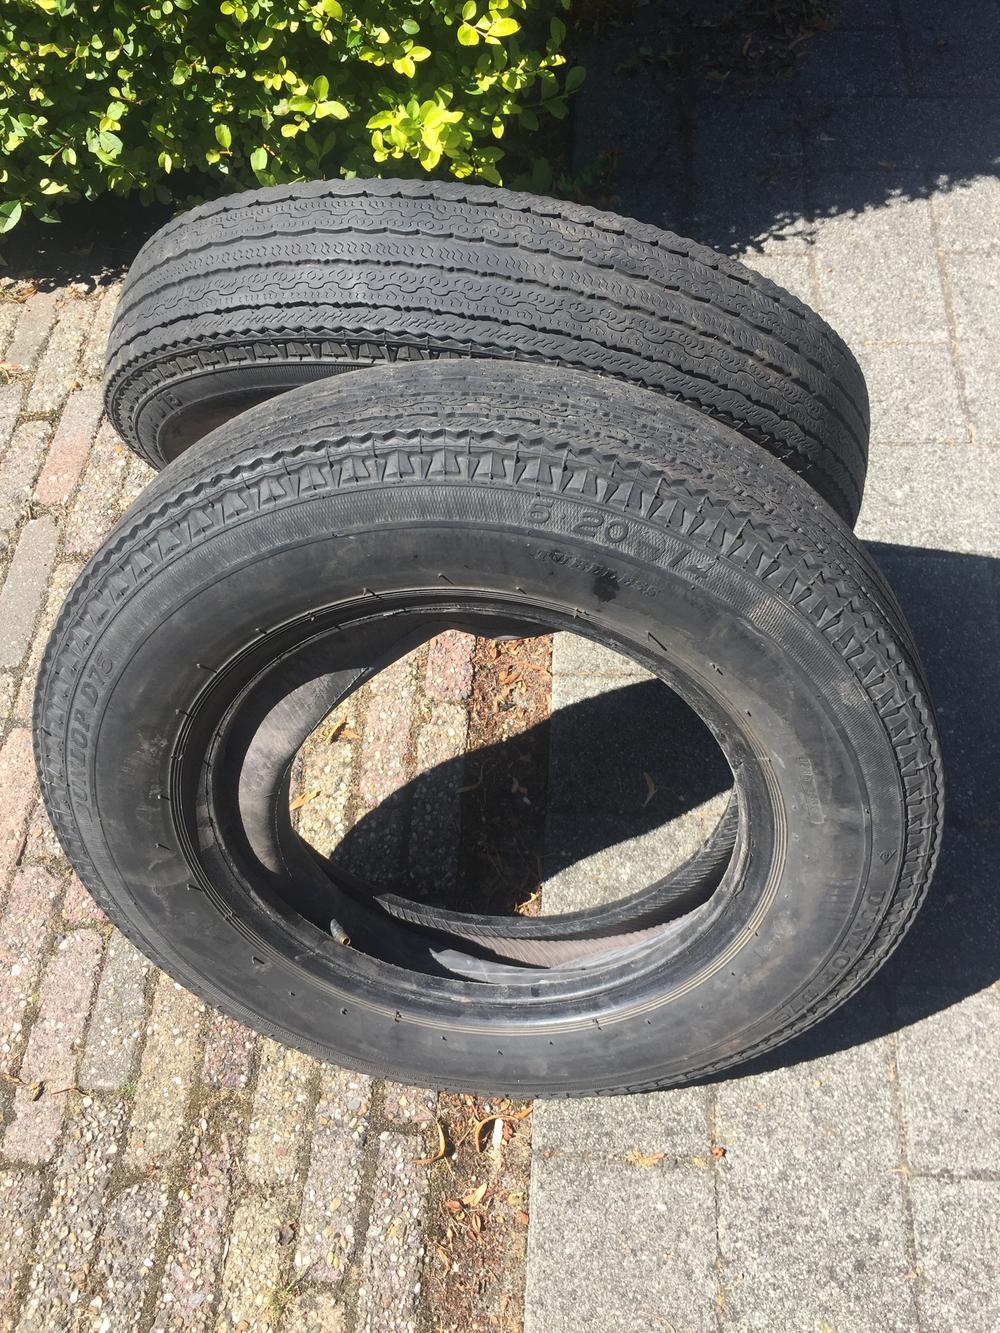 Te koop Dunlop 75 Crossply banden